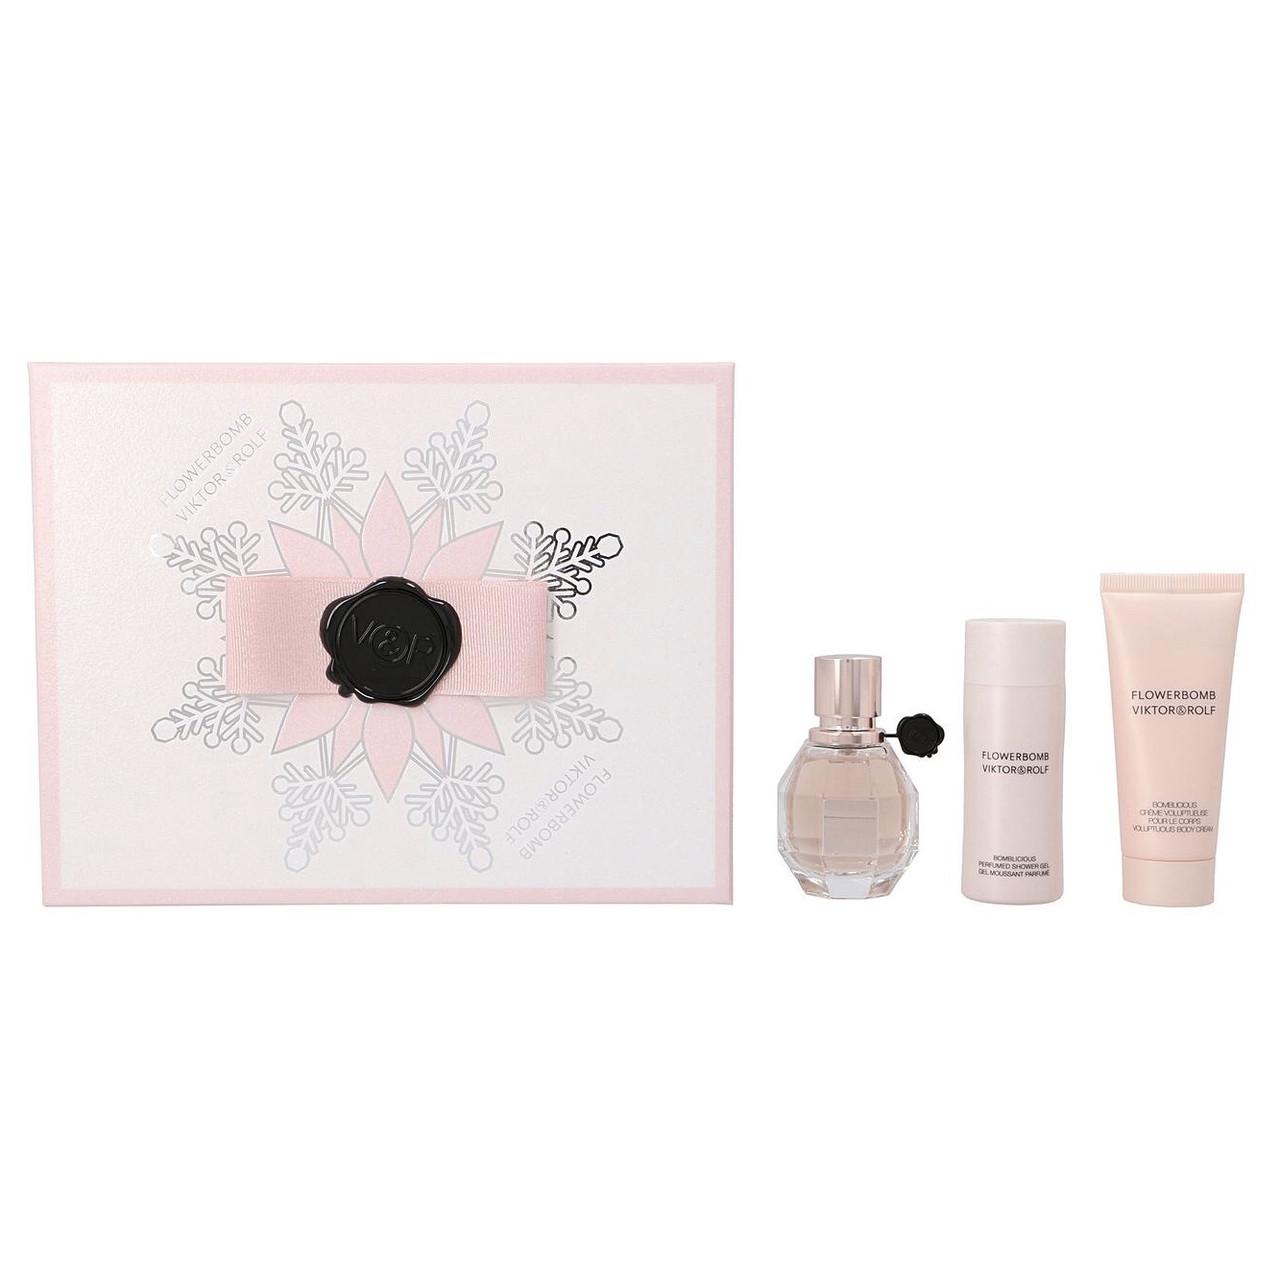 Женский подарочный набор VIKTOR & ROLF Flowerbomb парфюмированная вода 30ml +крем 40ml + гель 50ml ОРИГИНАЛ